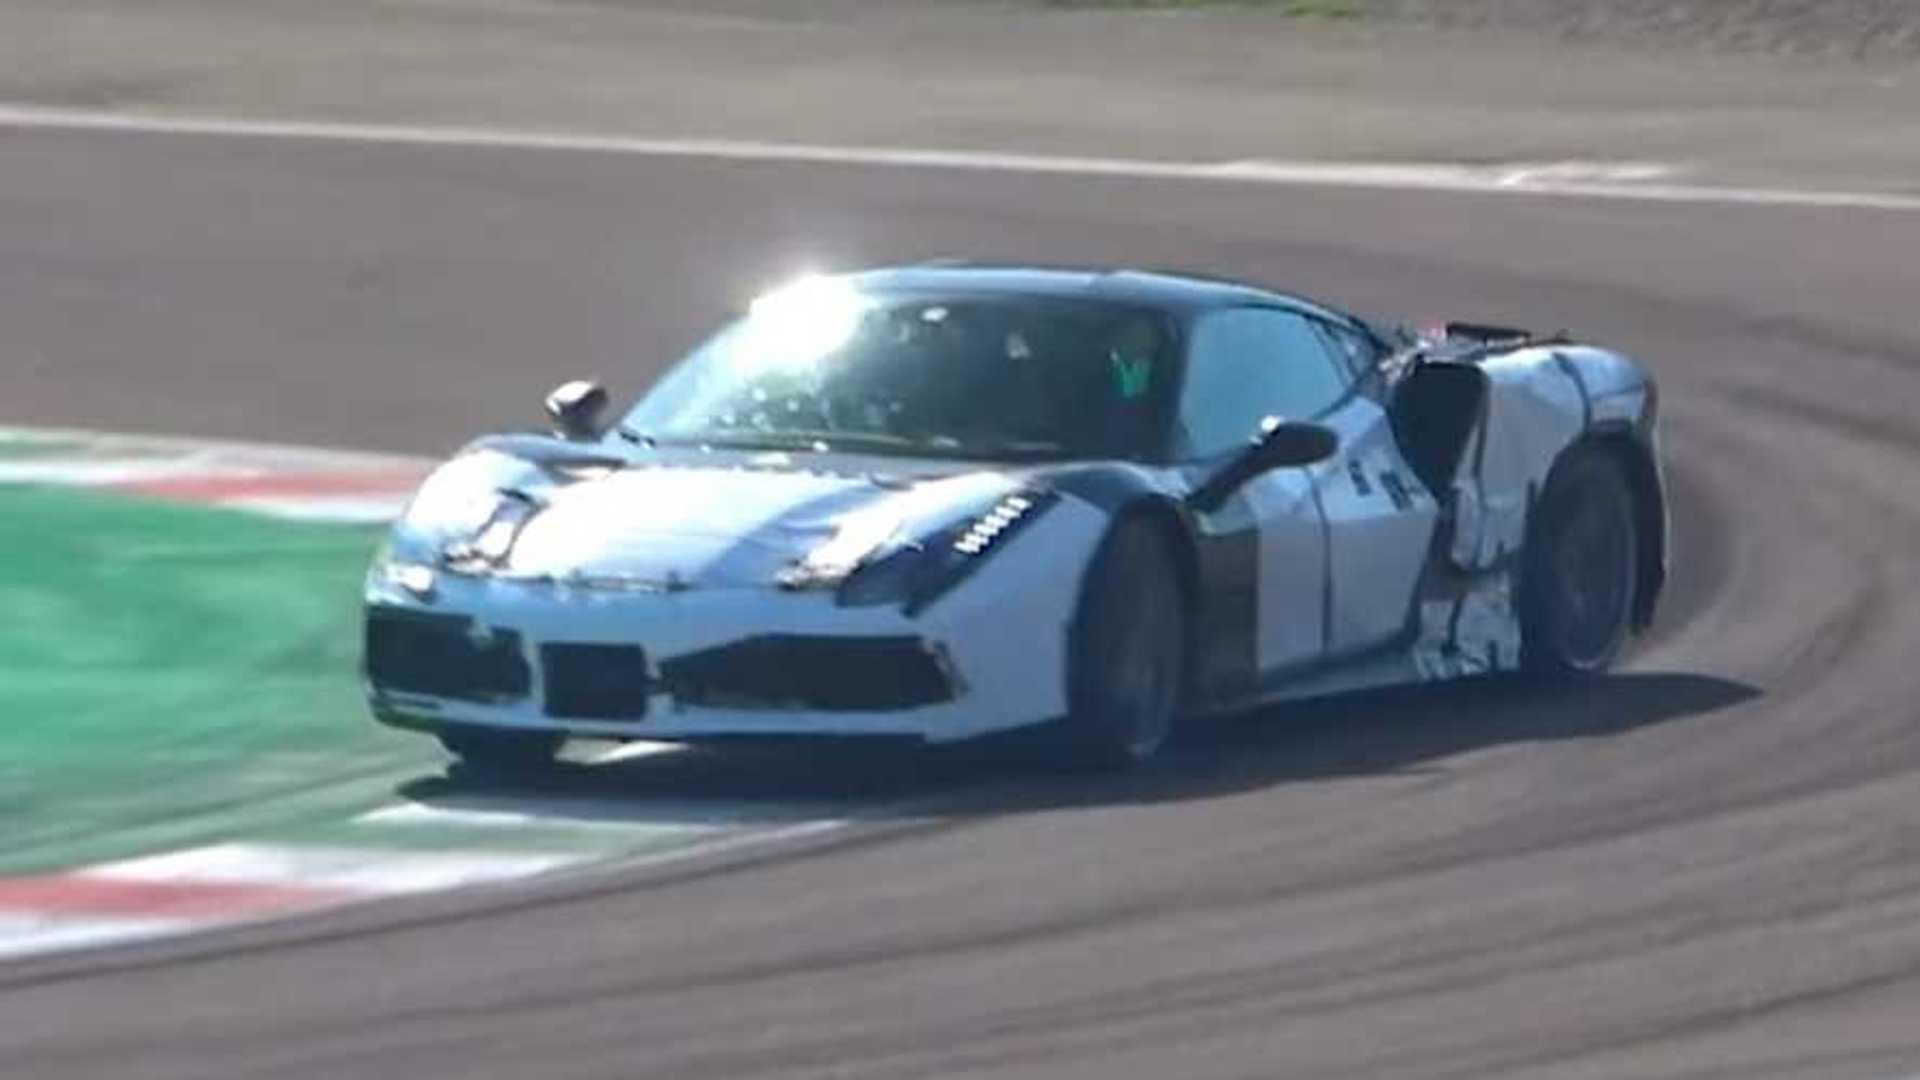 Ferrari V6 Hybrid Testing At Fiorano Making The Sound Of The Future